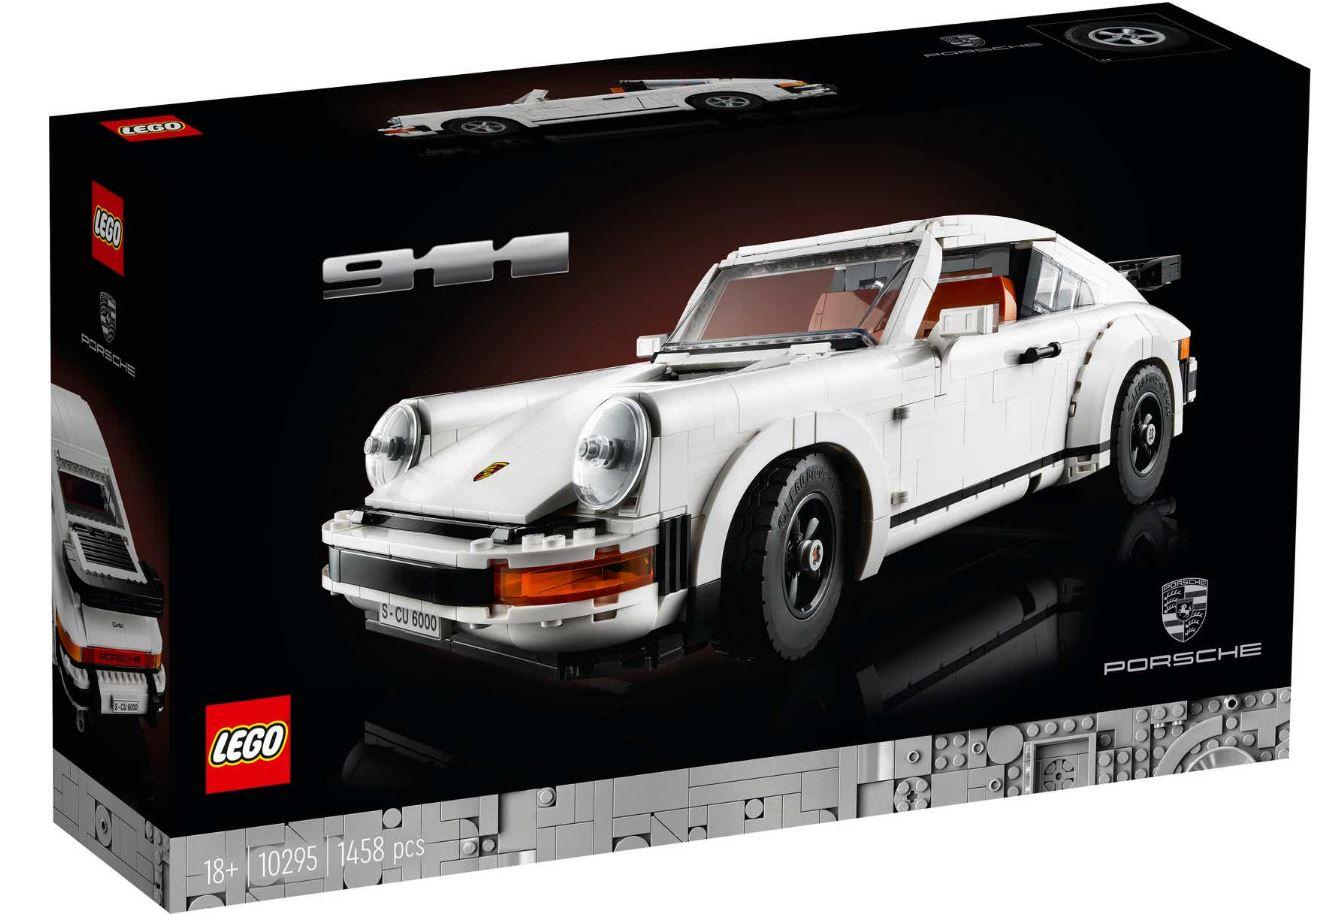 سيارات بورشه ...تحفة البناء للكبارمن Lego